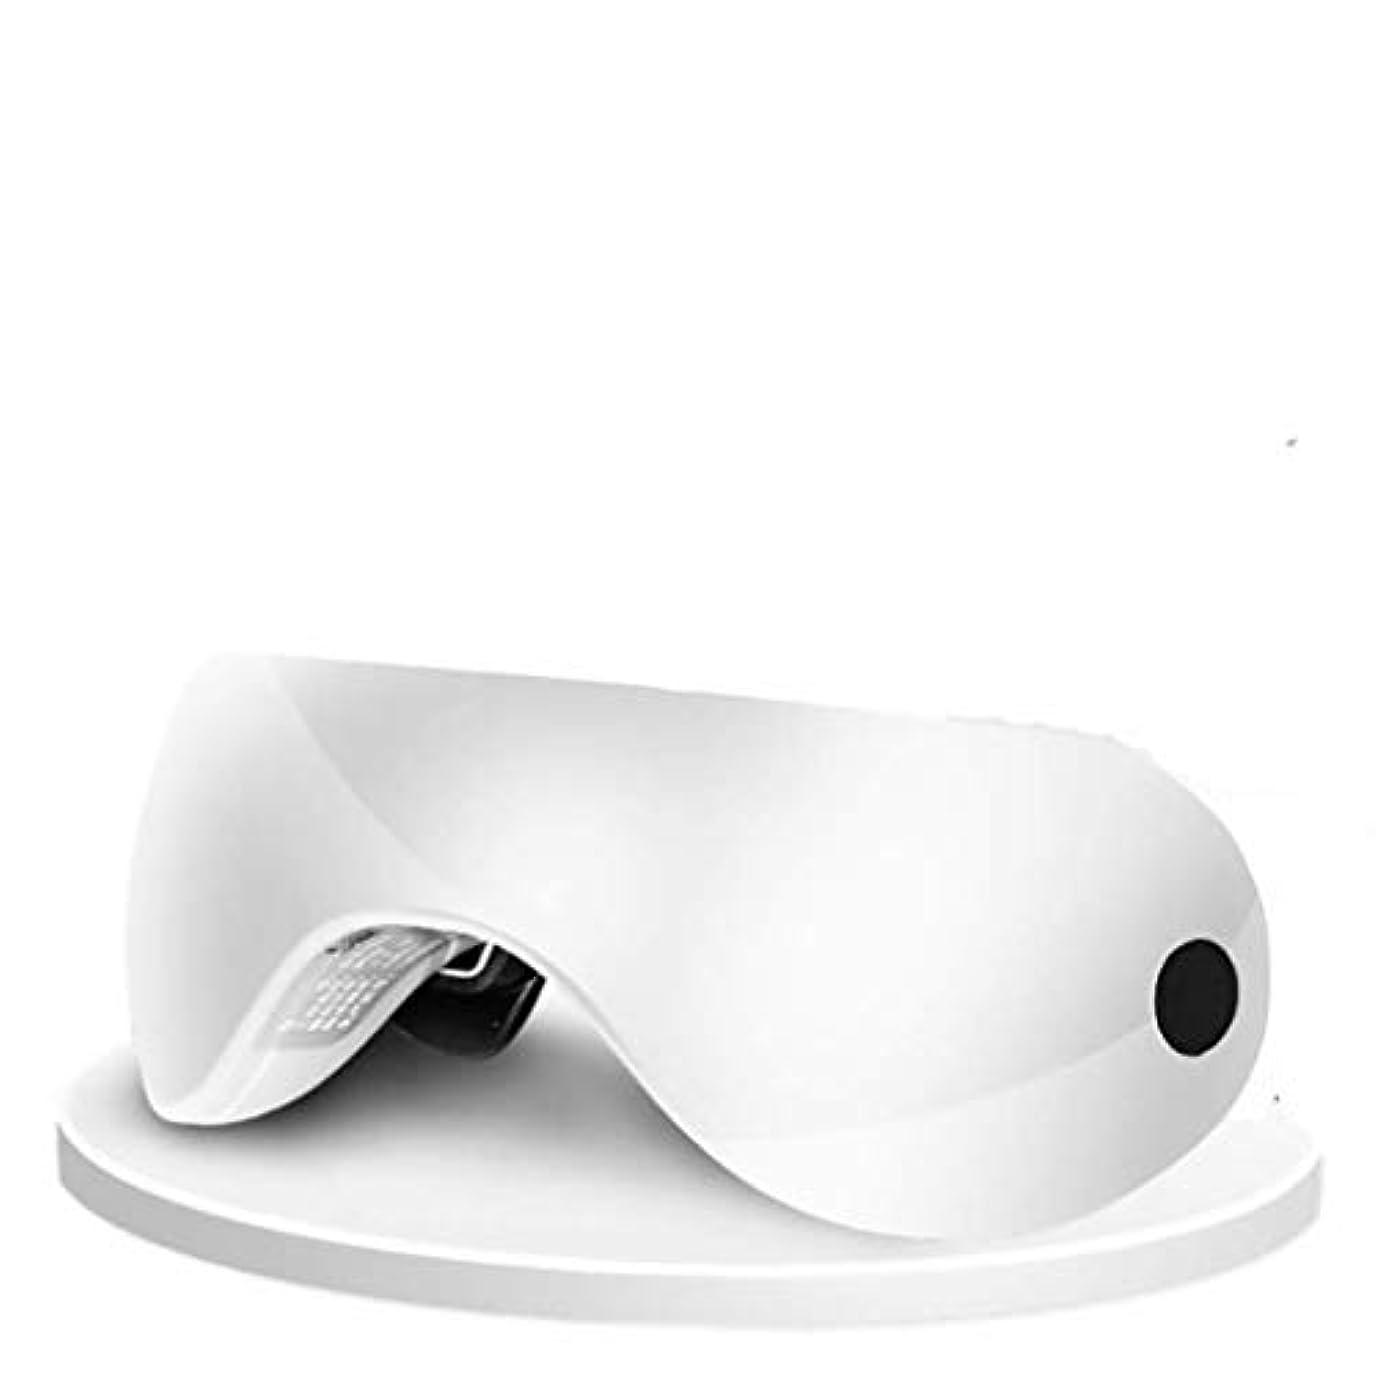 馬鹿げた乳製品オーチャード多機能アイマッサージャー、180°折りたたみ/USB充電モード、気圧/振動/Bluetoothライトミュージック、旅行に便利/通気性、視覚保護デバイス、近視/乱視矯正